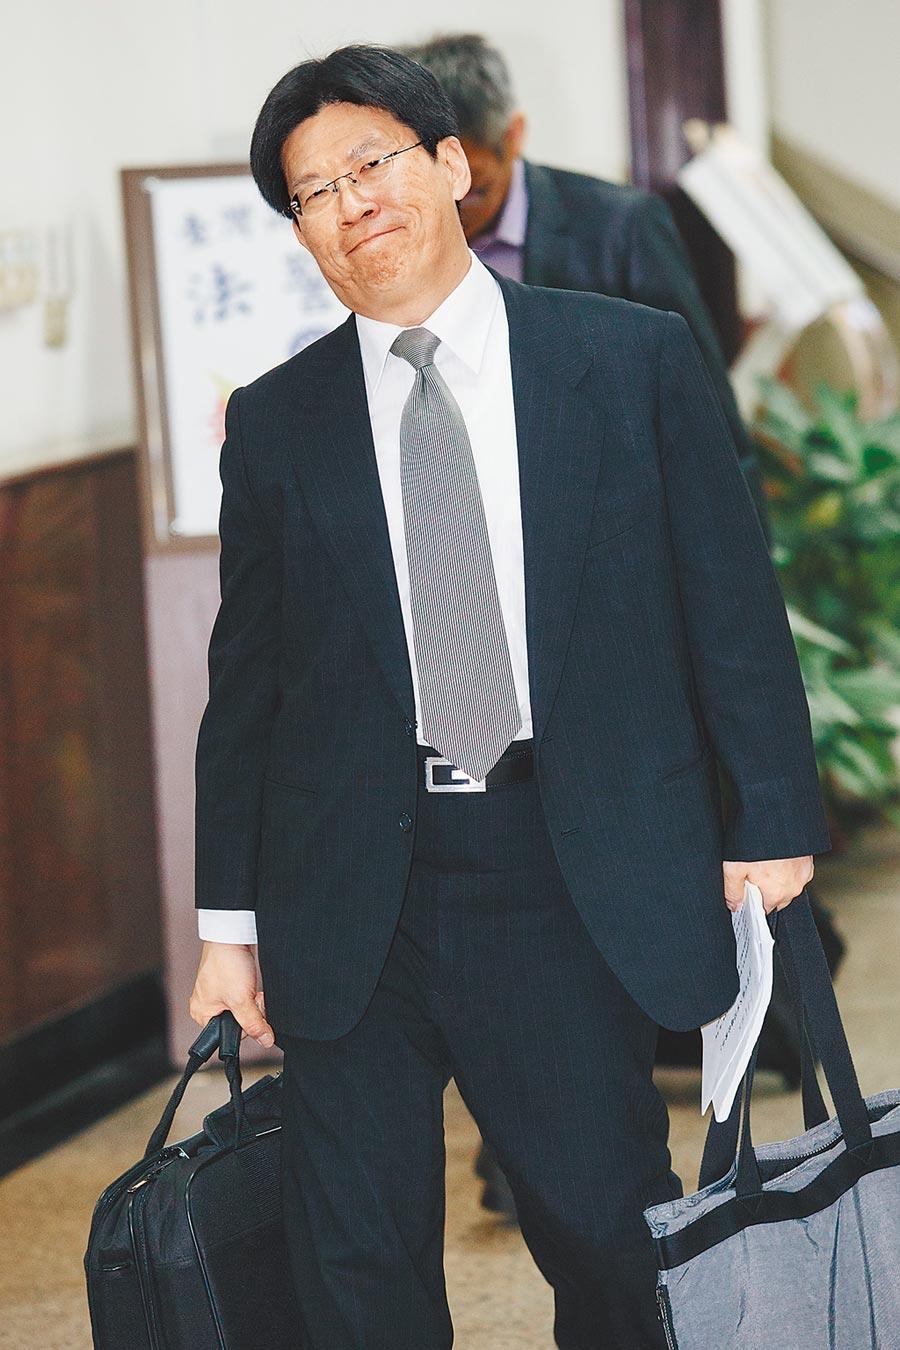 據了解,監委高涌誠(見圖)、蔡崇義當初約詢陳隆翔時,除逼問「案件可以重新起訴嗎?」還有連串的嘲諷。(本報資料照片)